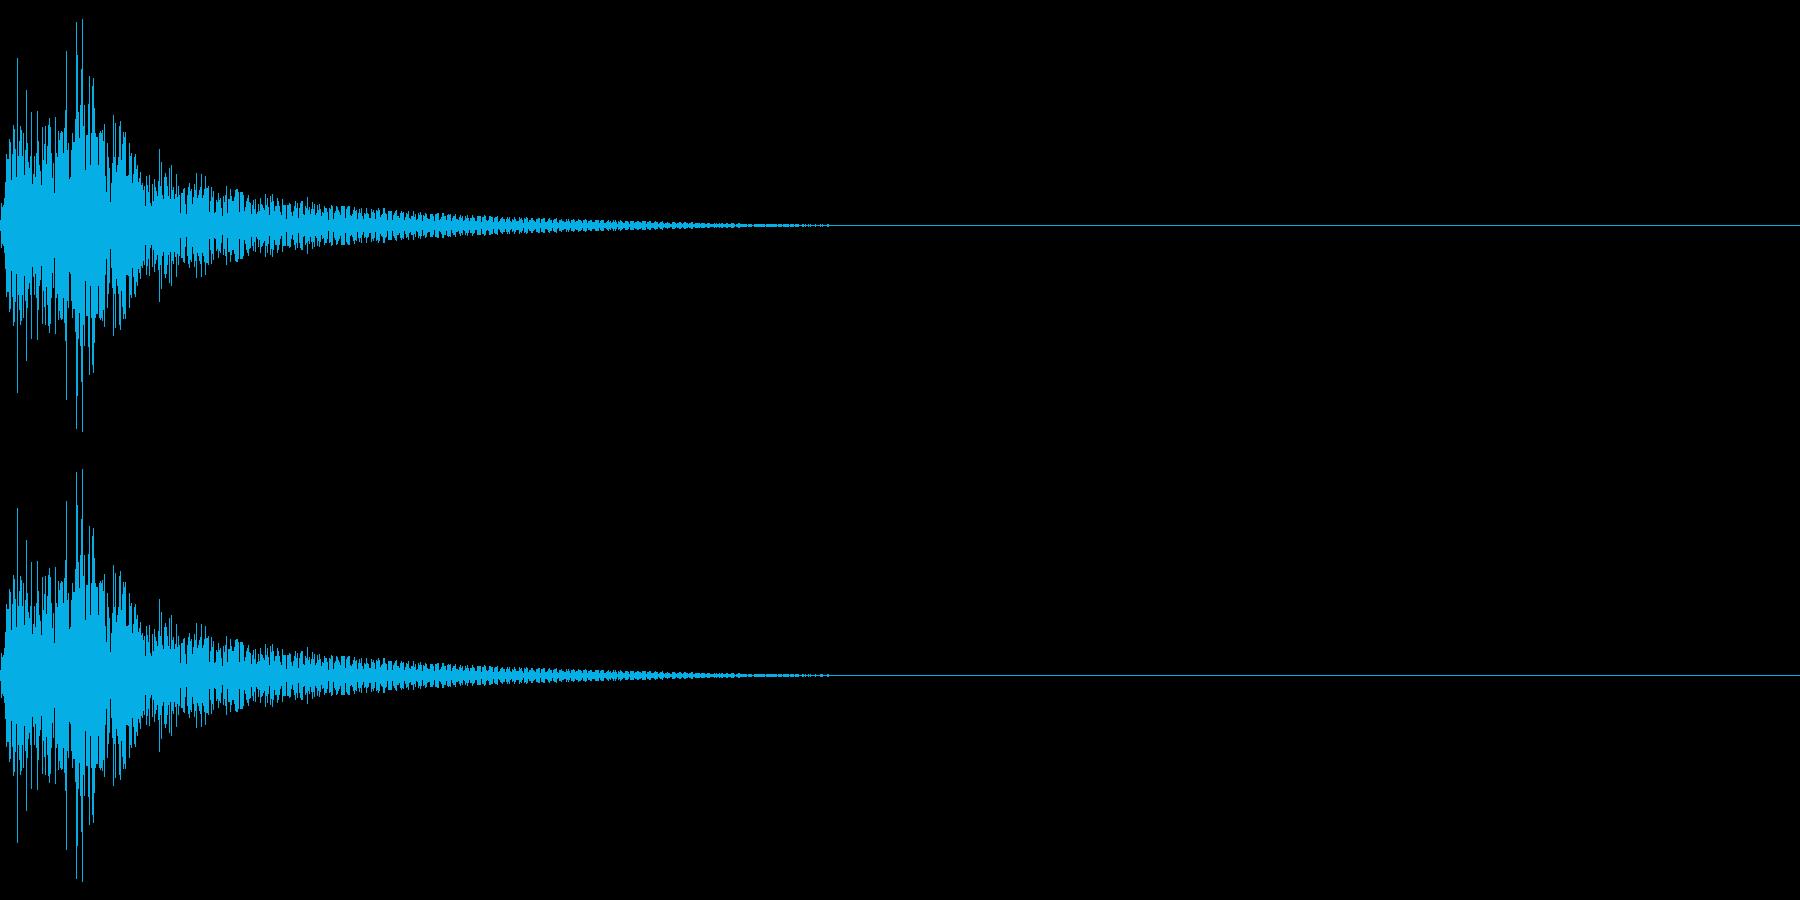 クリック音を想定しました。シンセサイザ…の再生済みの波形